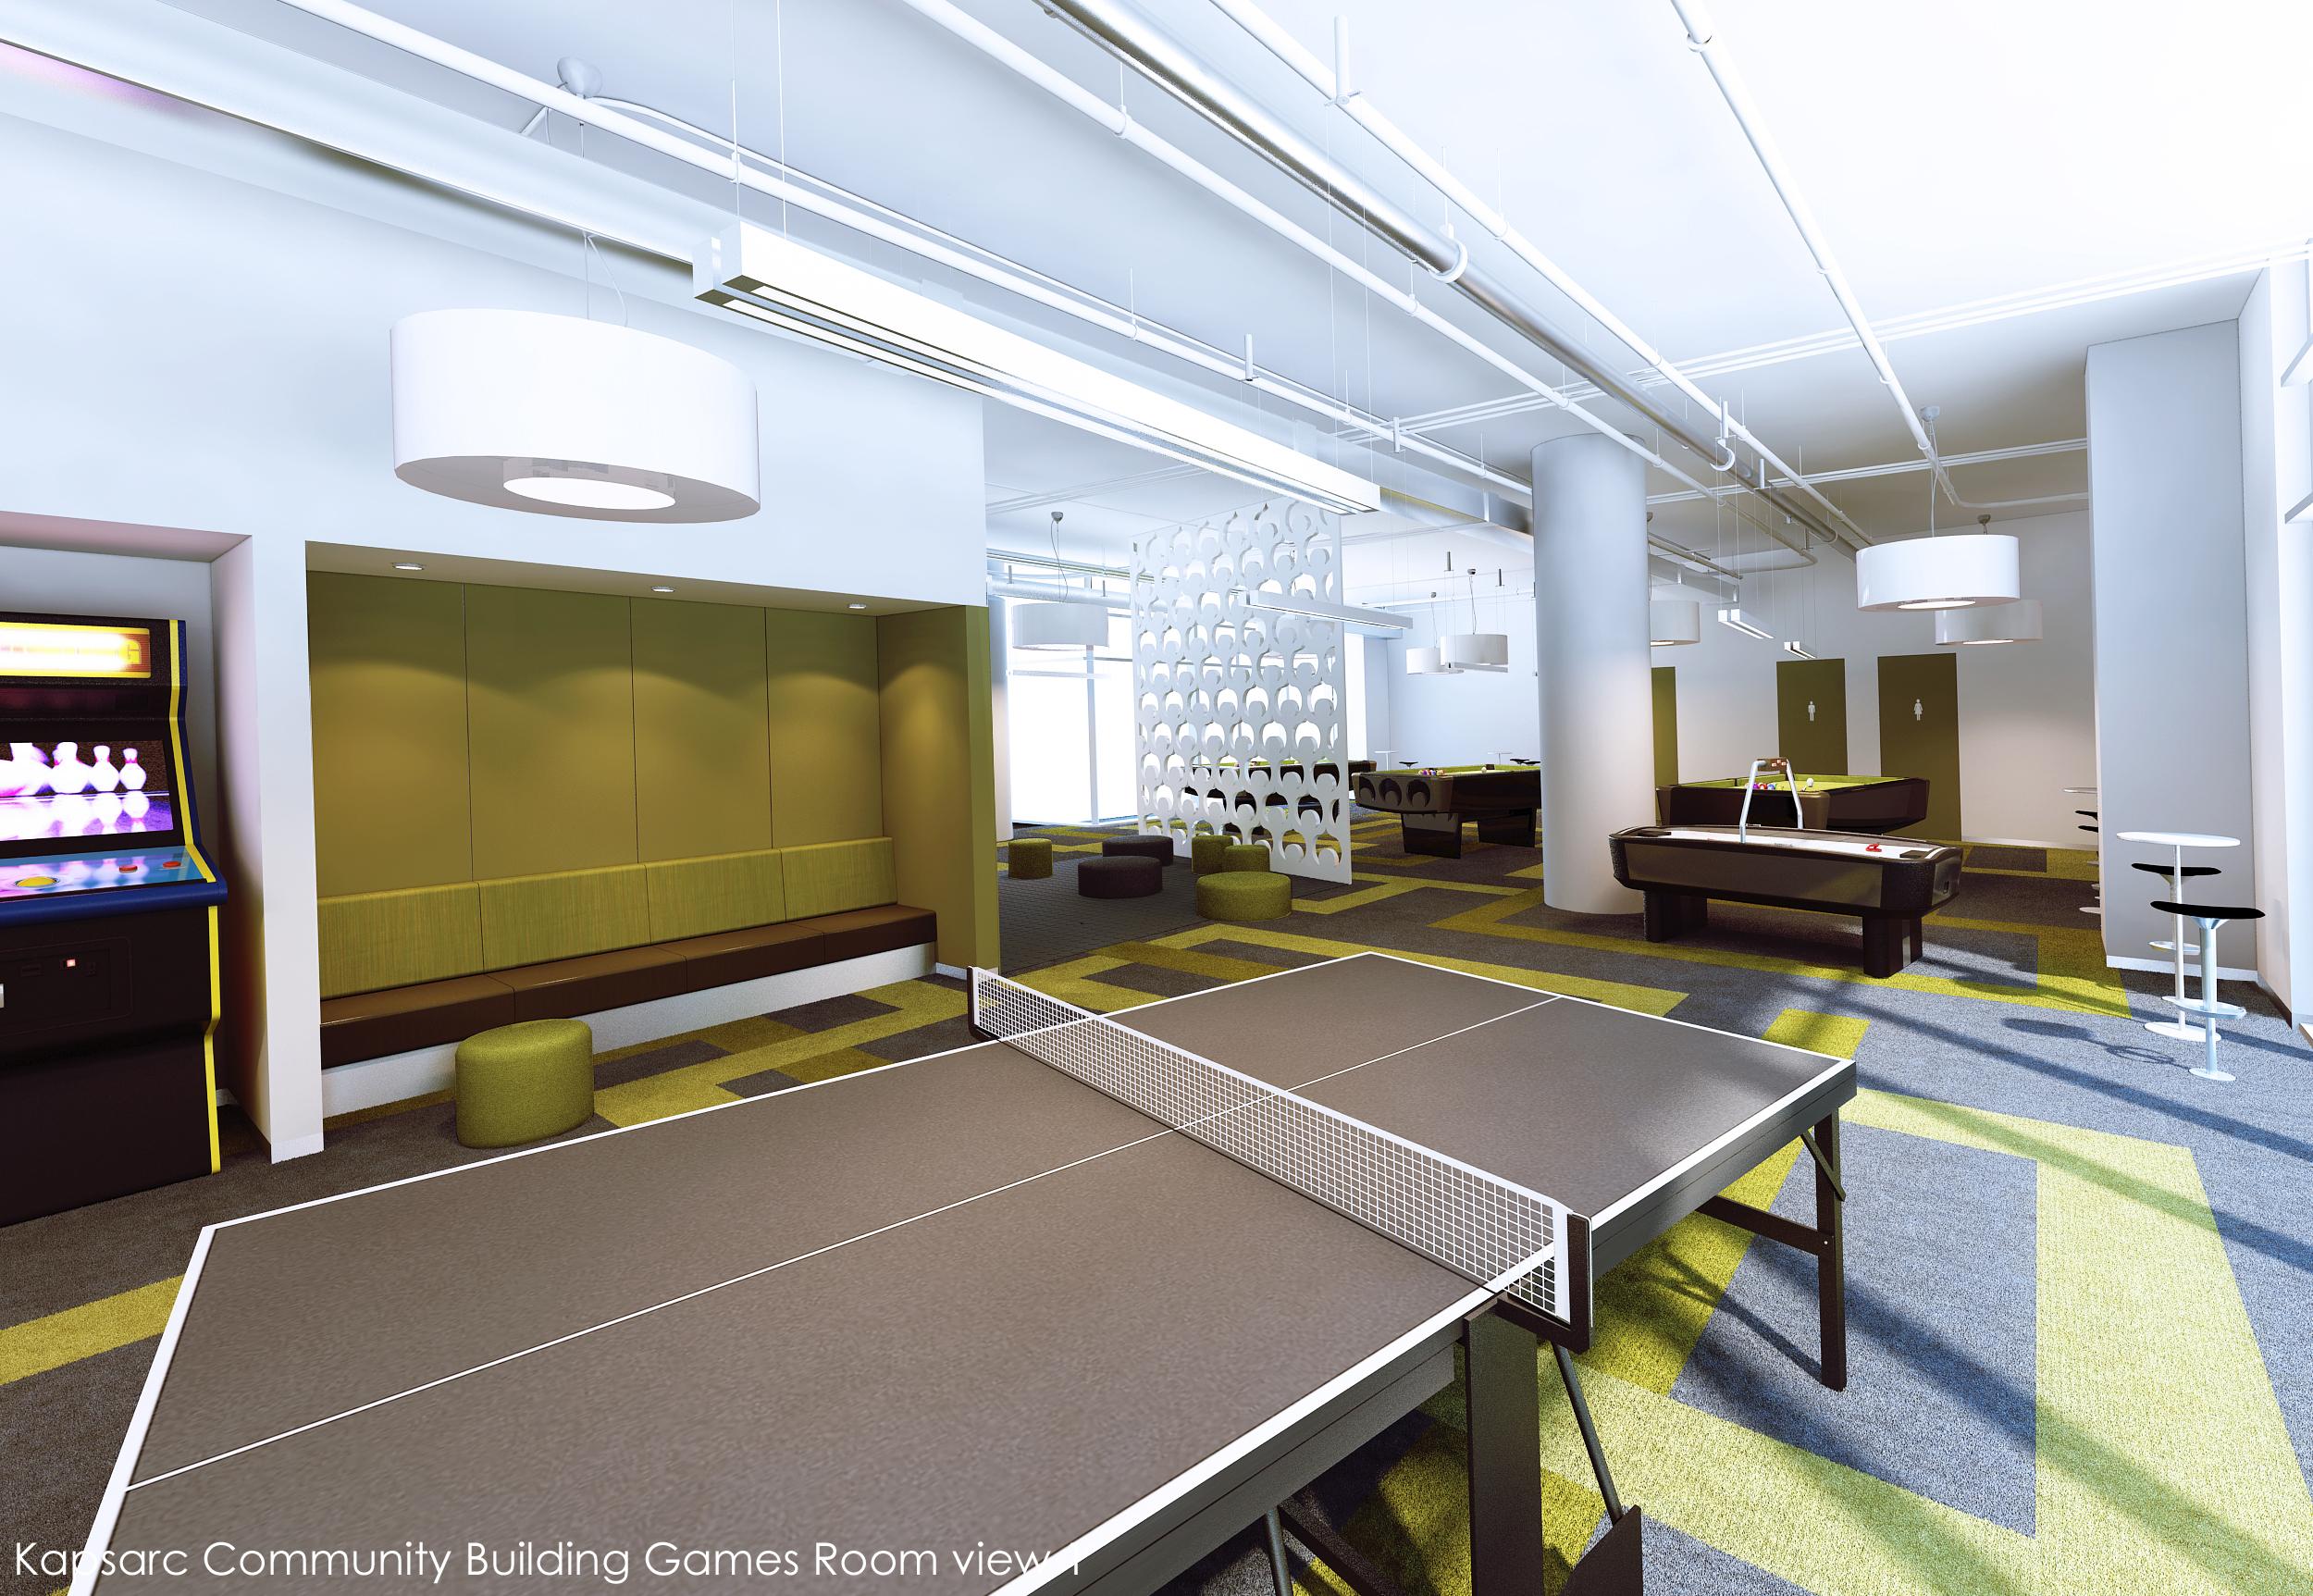 Kapsarc Community Building Games Room view 1.jpg